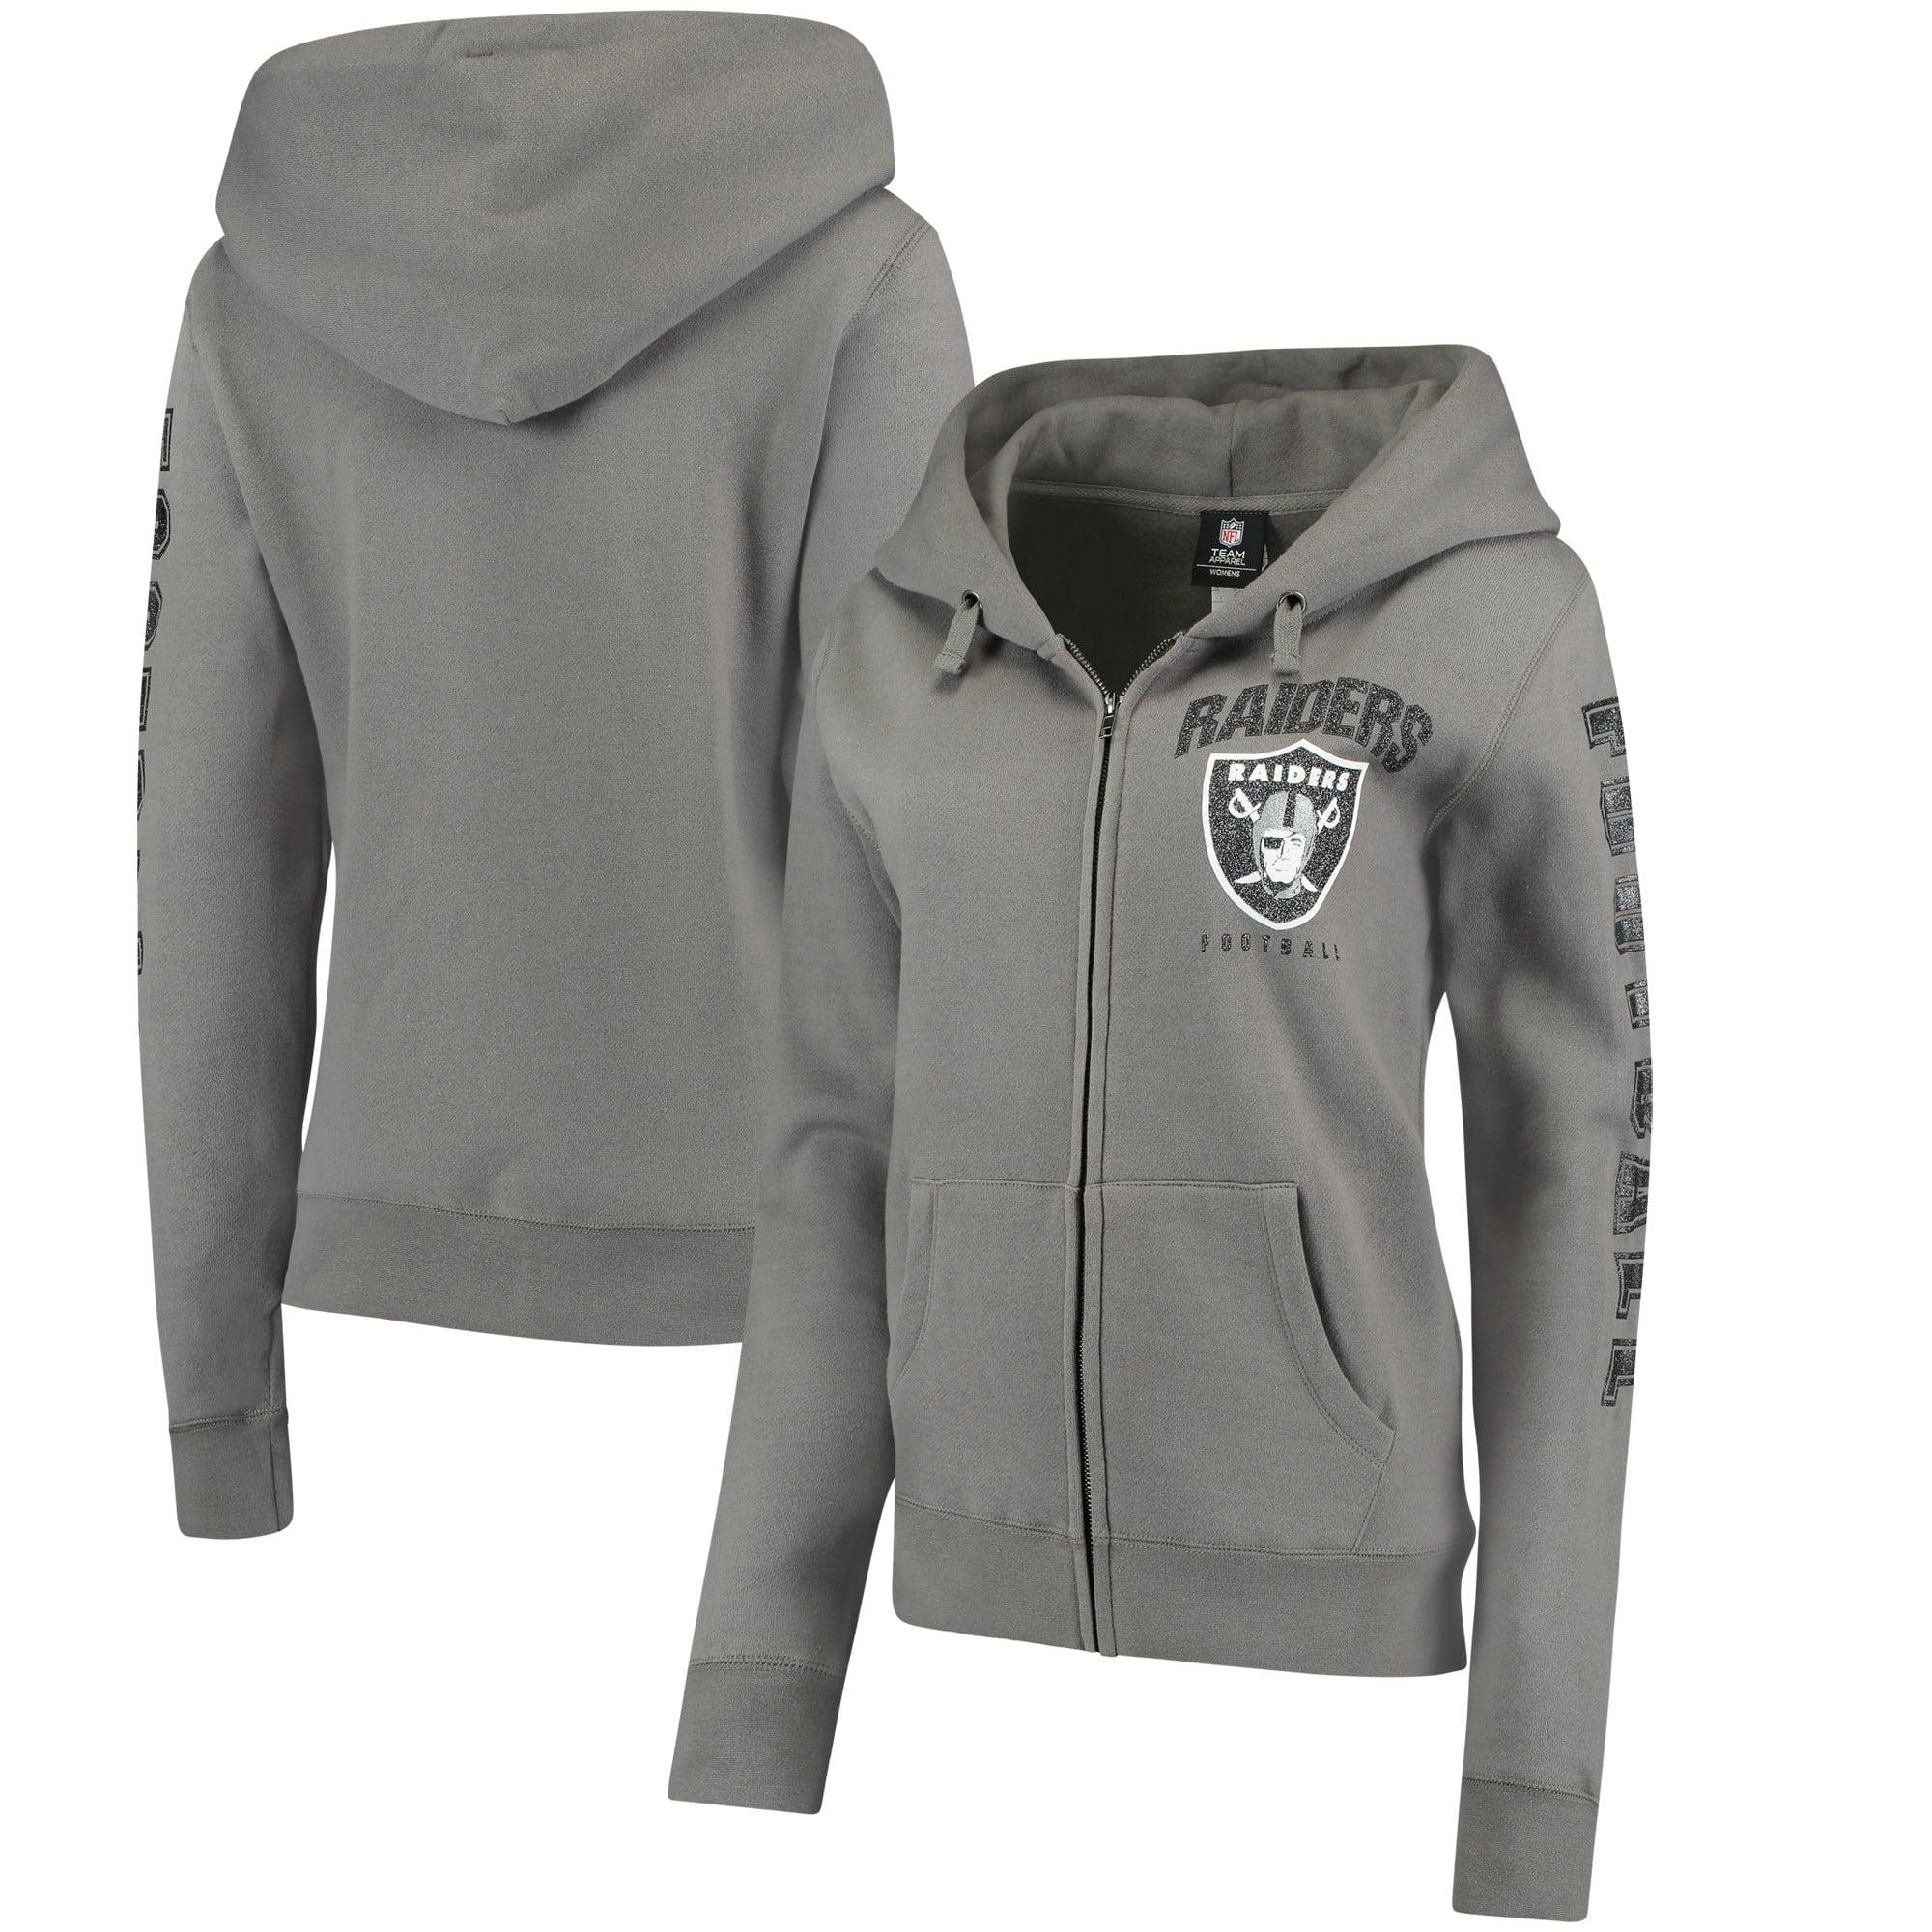 Oakland Raiders New Era Women's Playbook Glitter Sleeve Full-Zip Hoodie - Gray